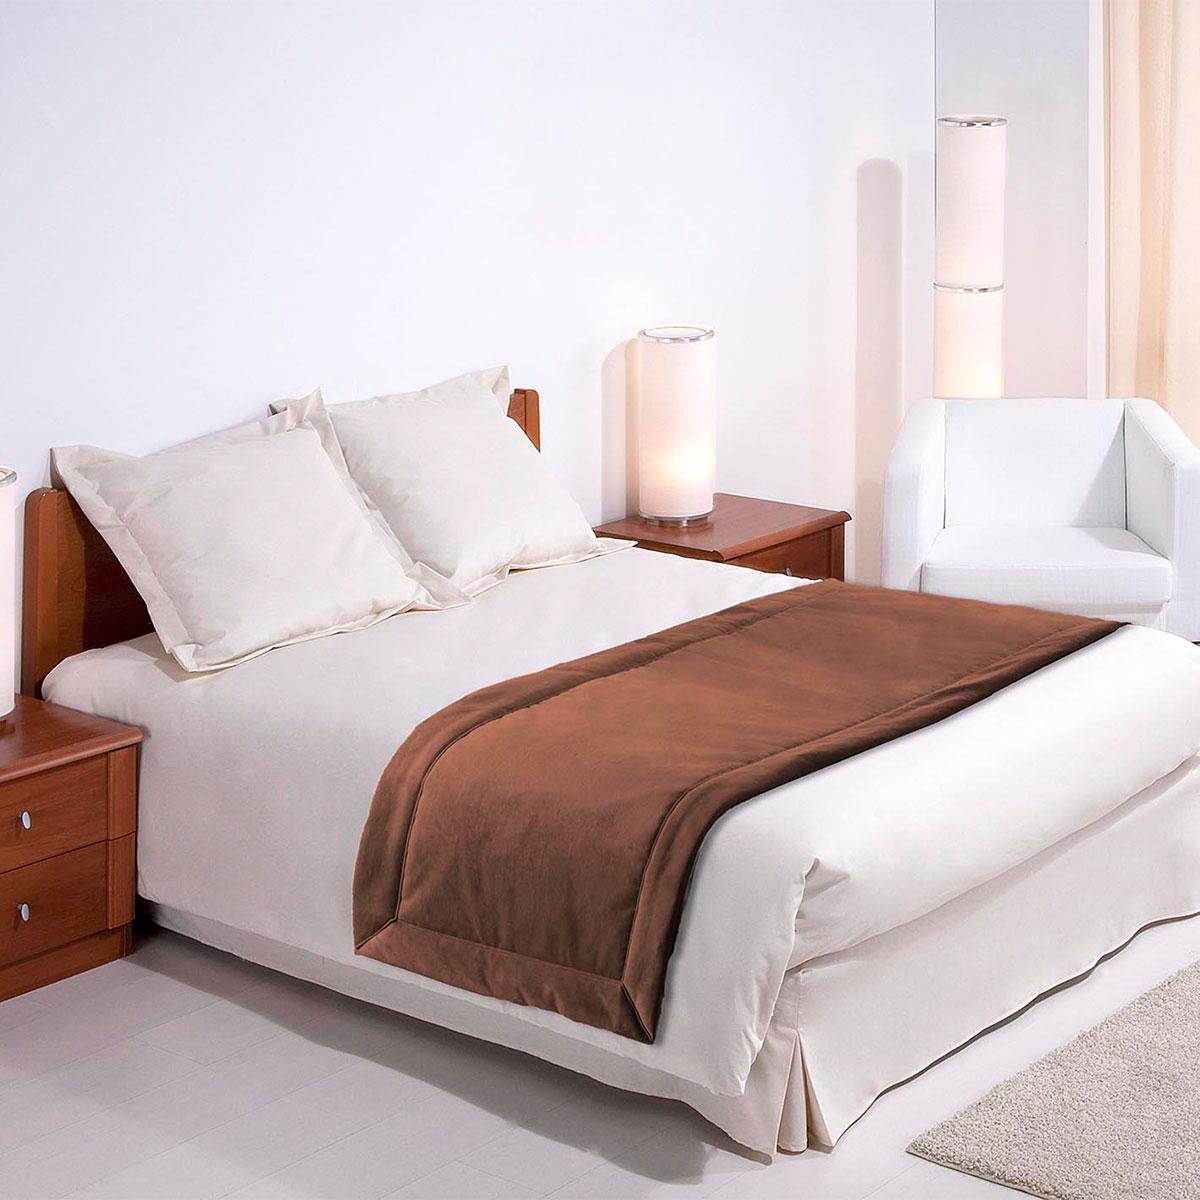 chemin de lit tildou r versible standard textile